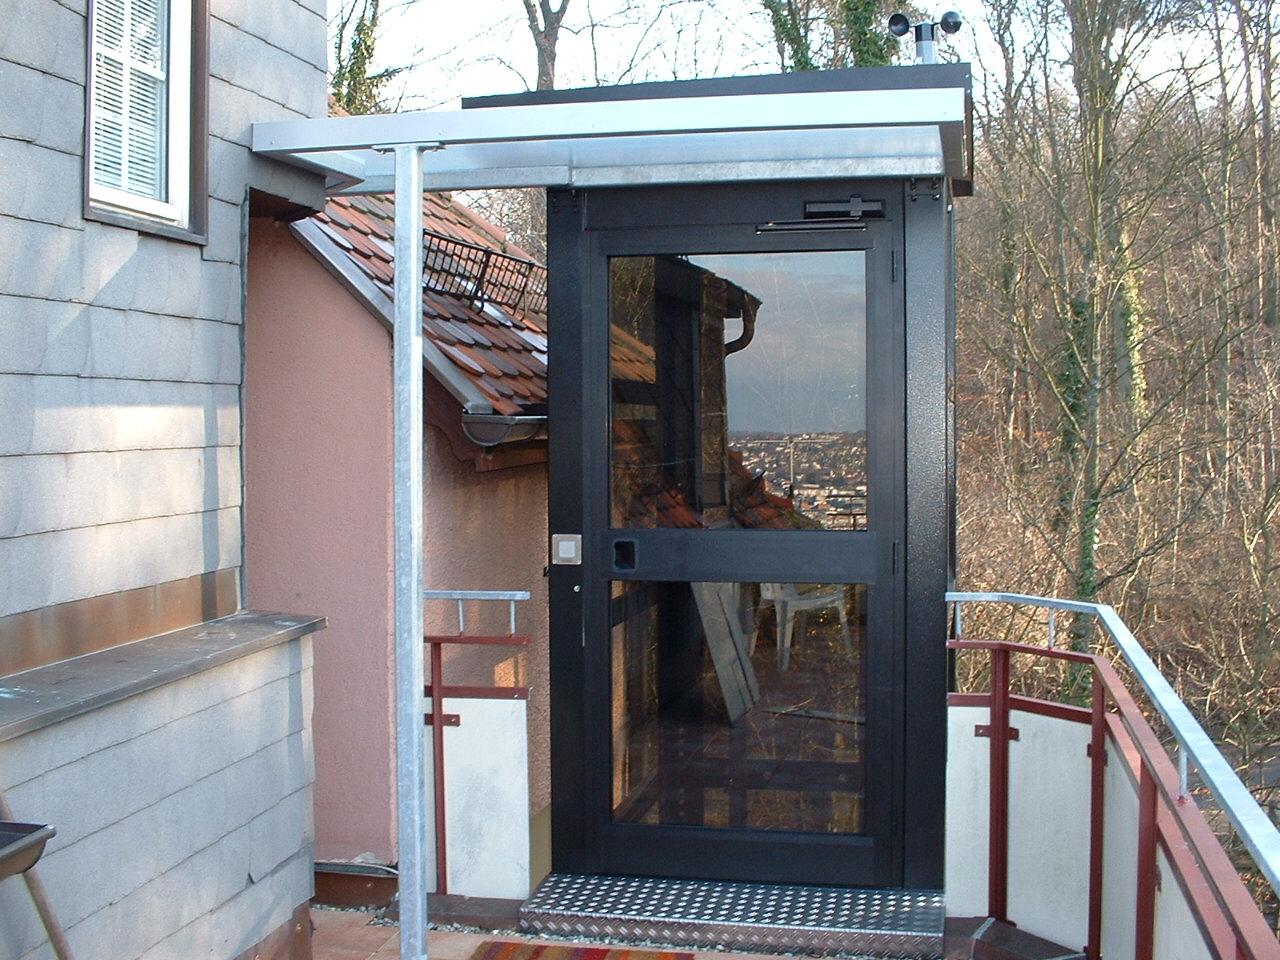 Zugang zum Aufzug außen über eine Dachterrasse